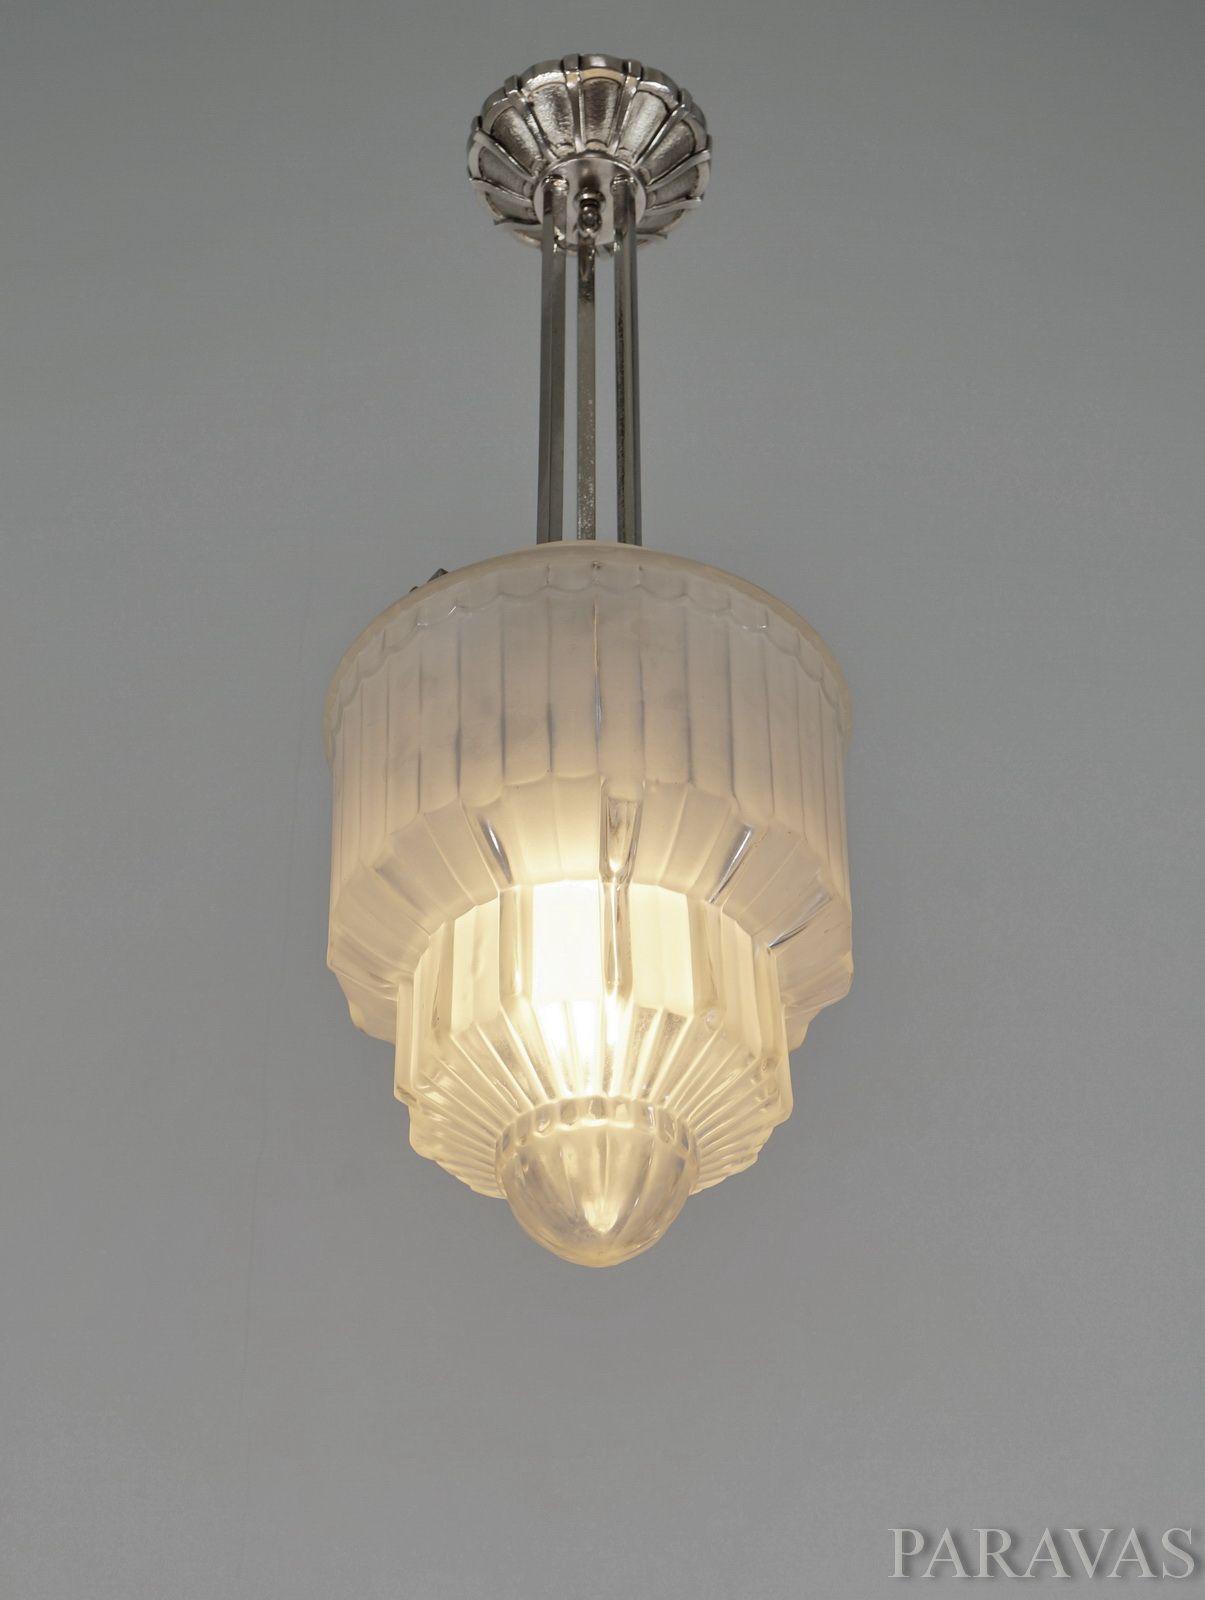 Lorrain daum french art deco chandelier a beautiful 1925 30 lorrain daum french art deco chandelier a beautiful 1925 30 pendant light arubaitofo Images